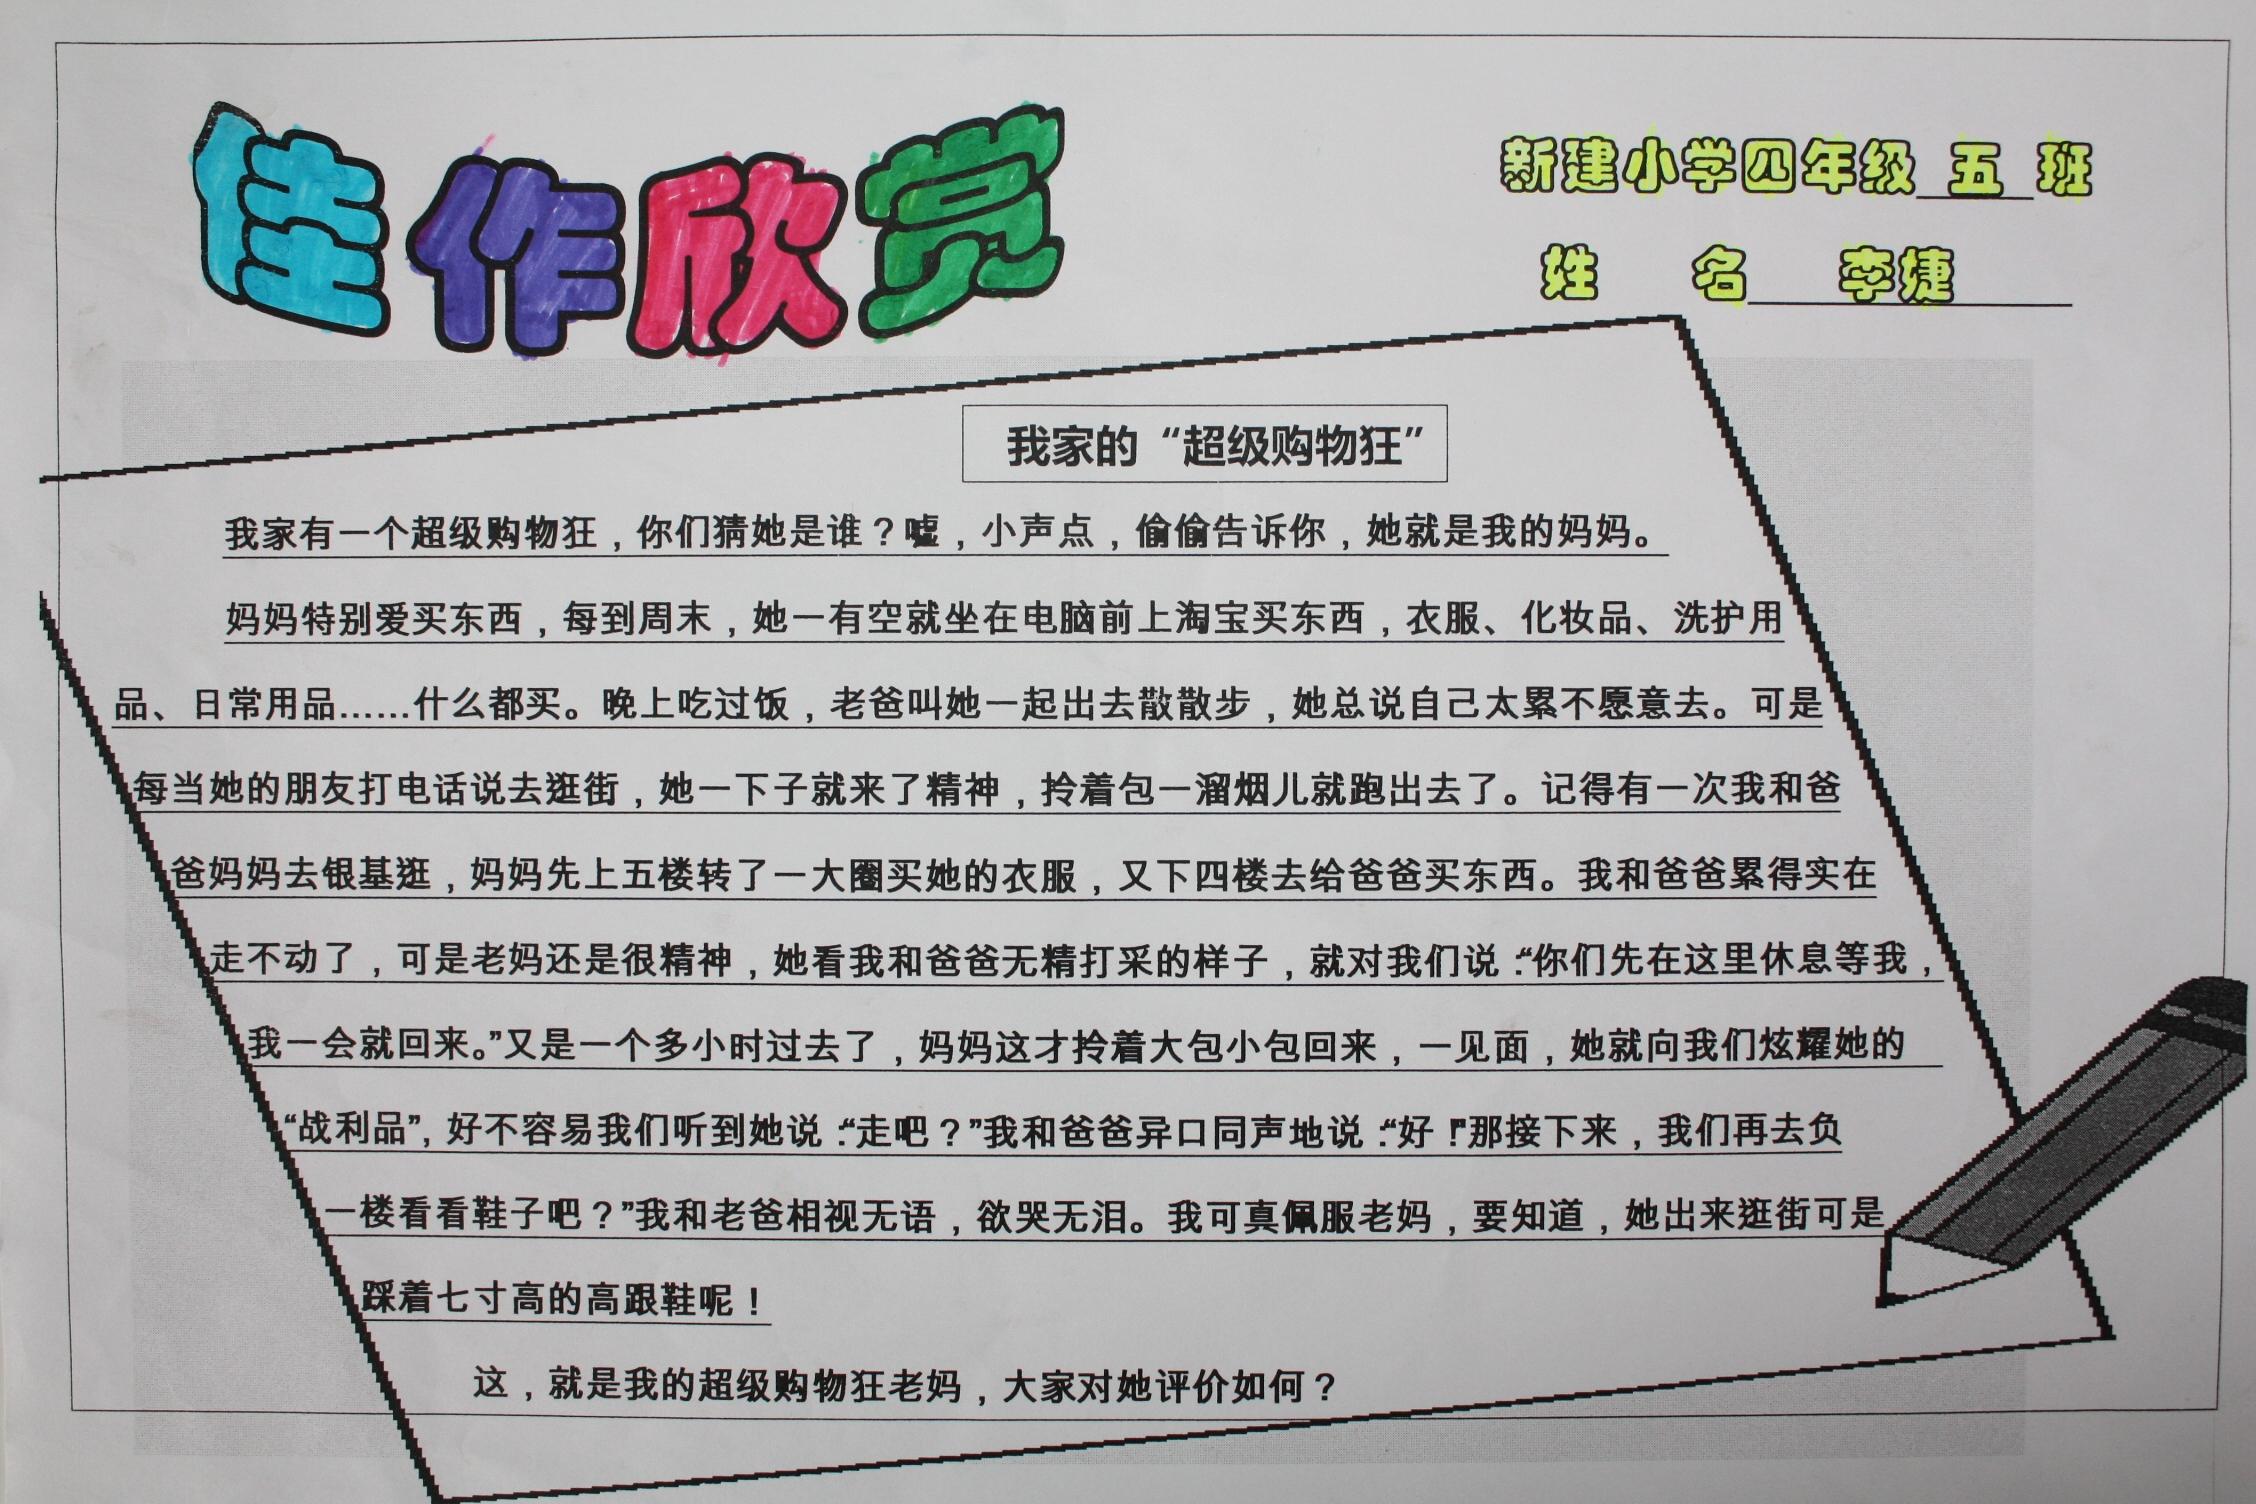 佳作欣赏电脑制作手抄报 - 美丽中国,红领巾社会实践